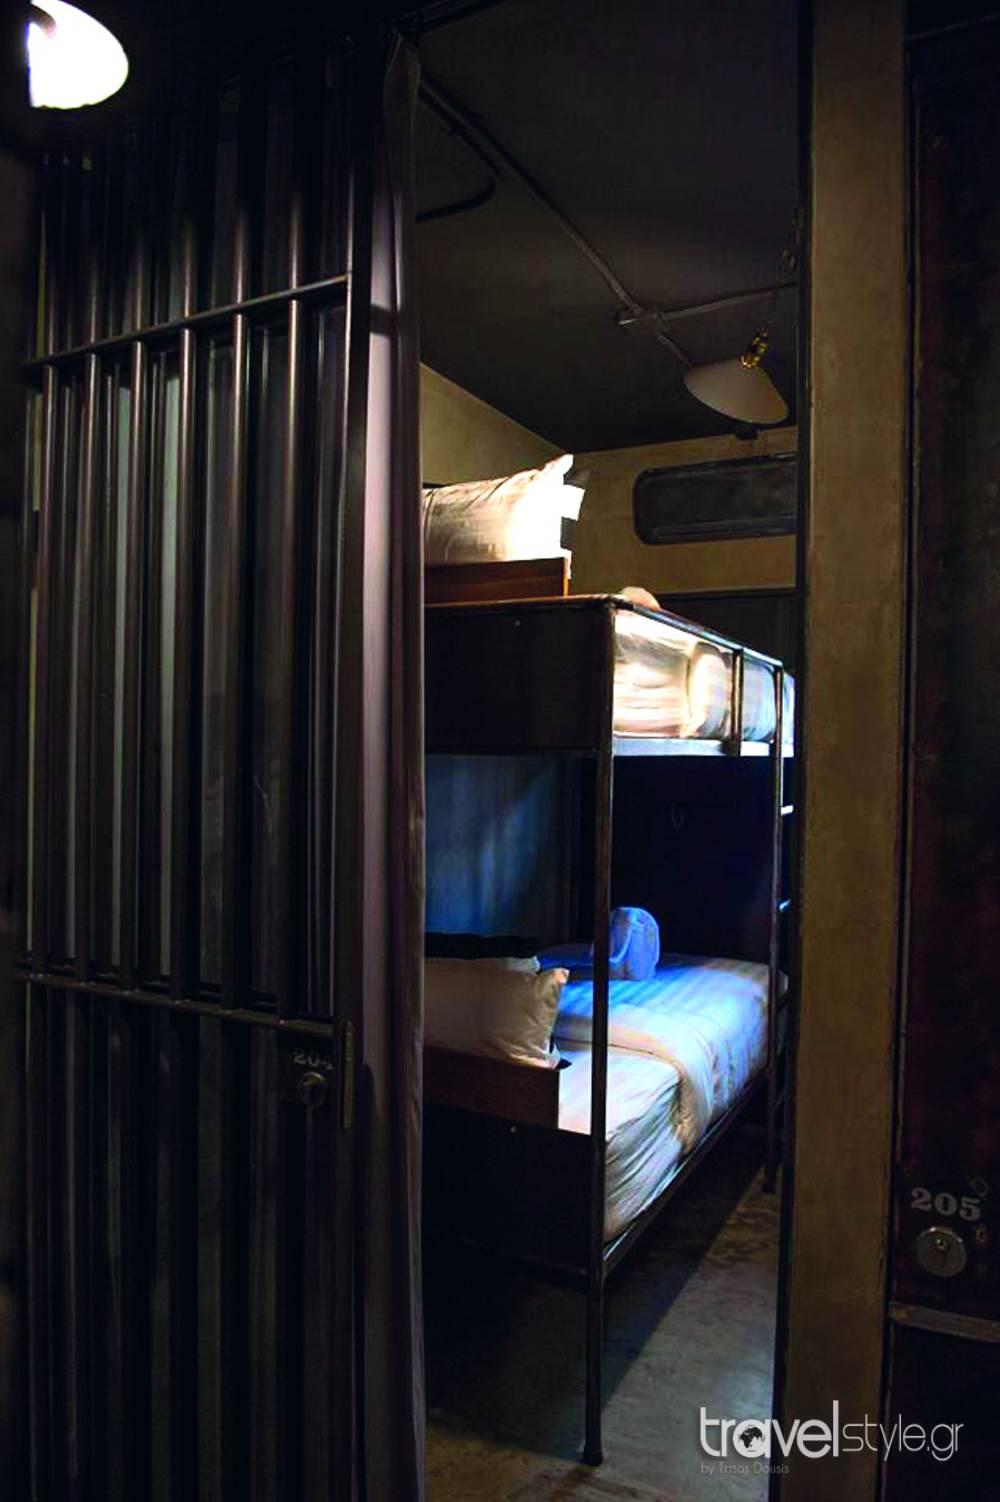 Στο...κελί 33! Το πιο πρωτότυπο hostel στον κόσμο!